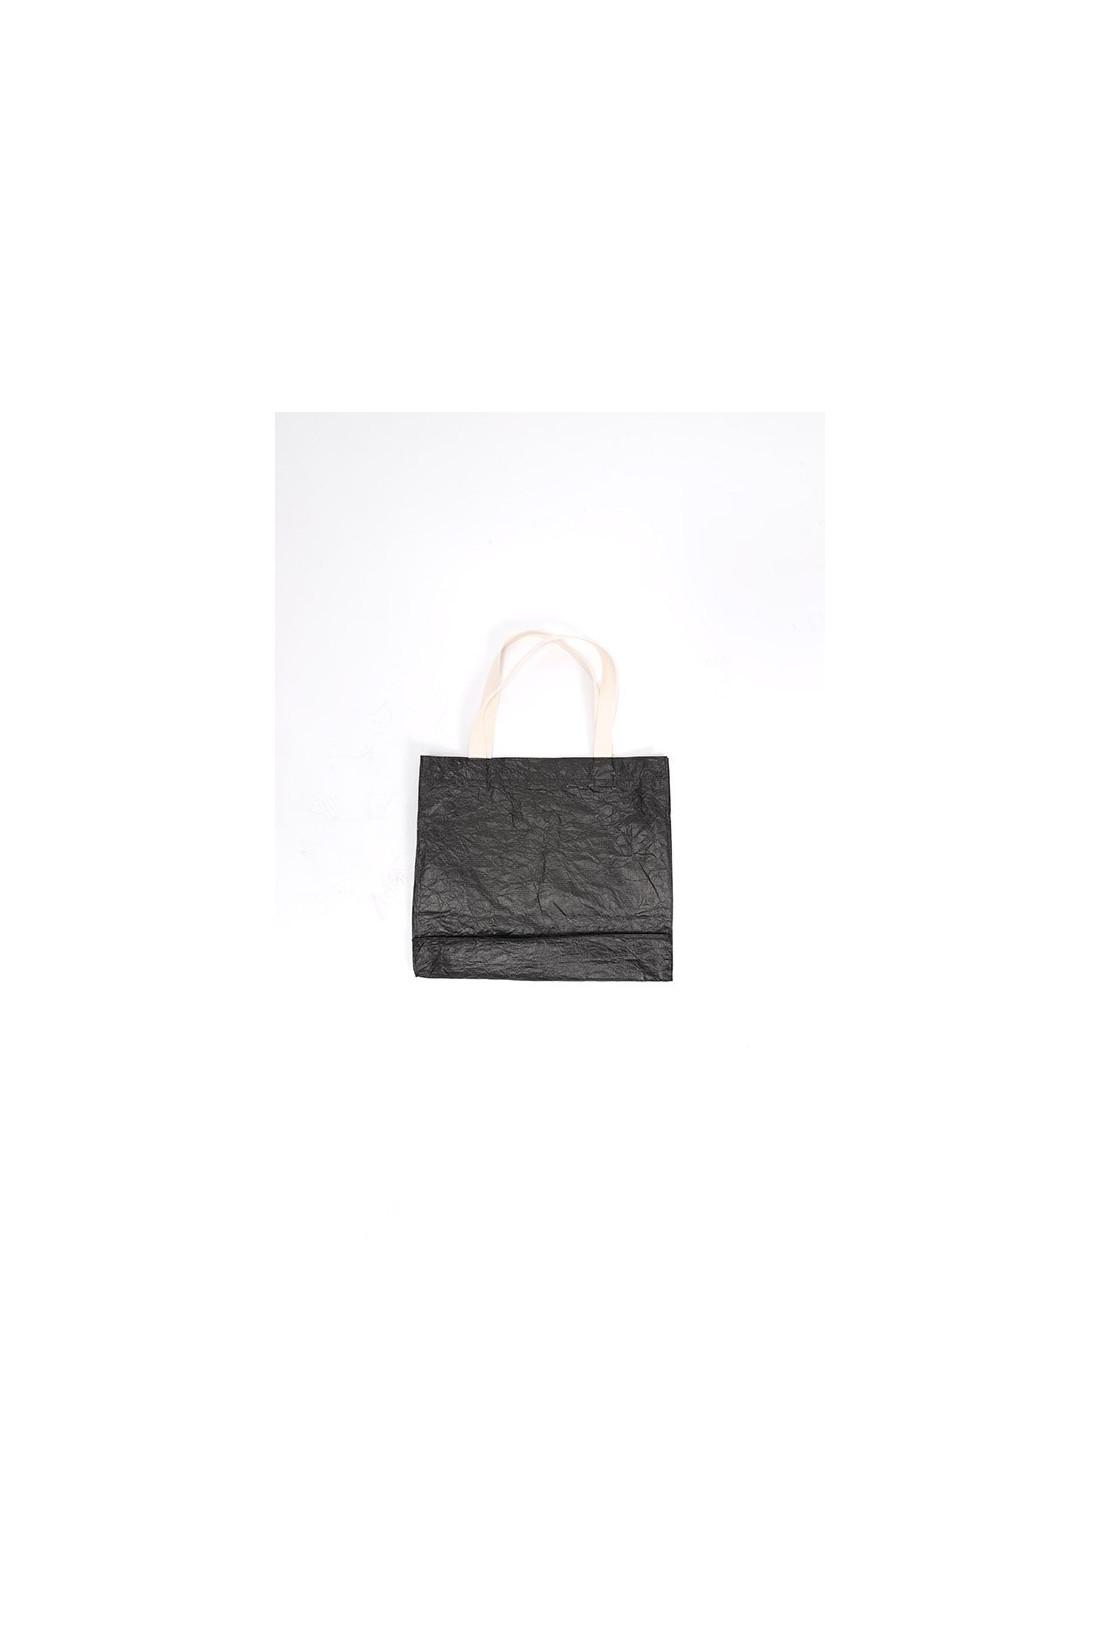 CONICHIWA BONJOUR / Payment bag Black